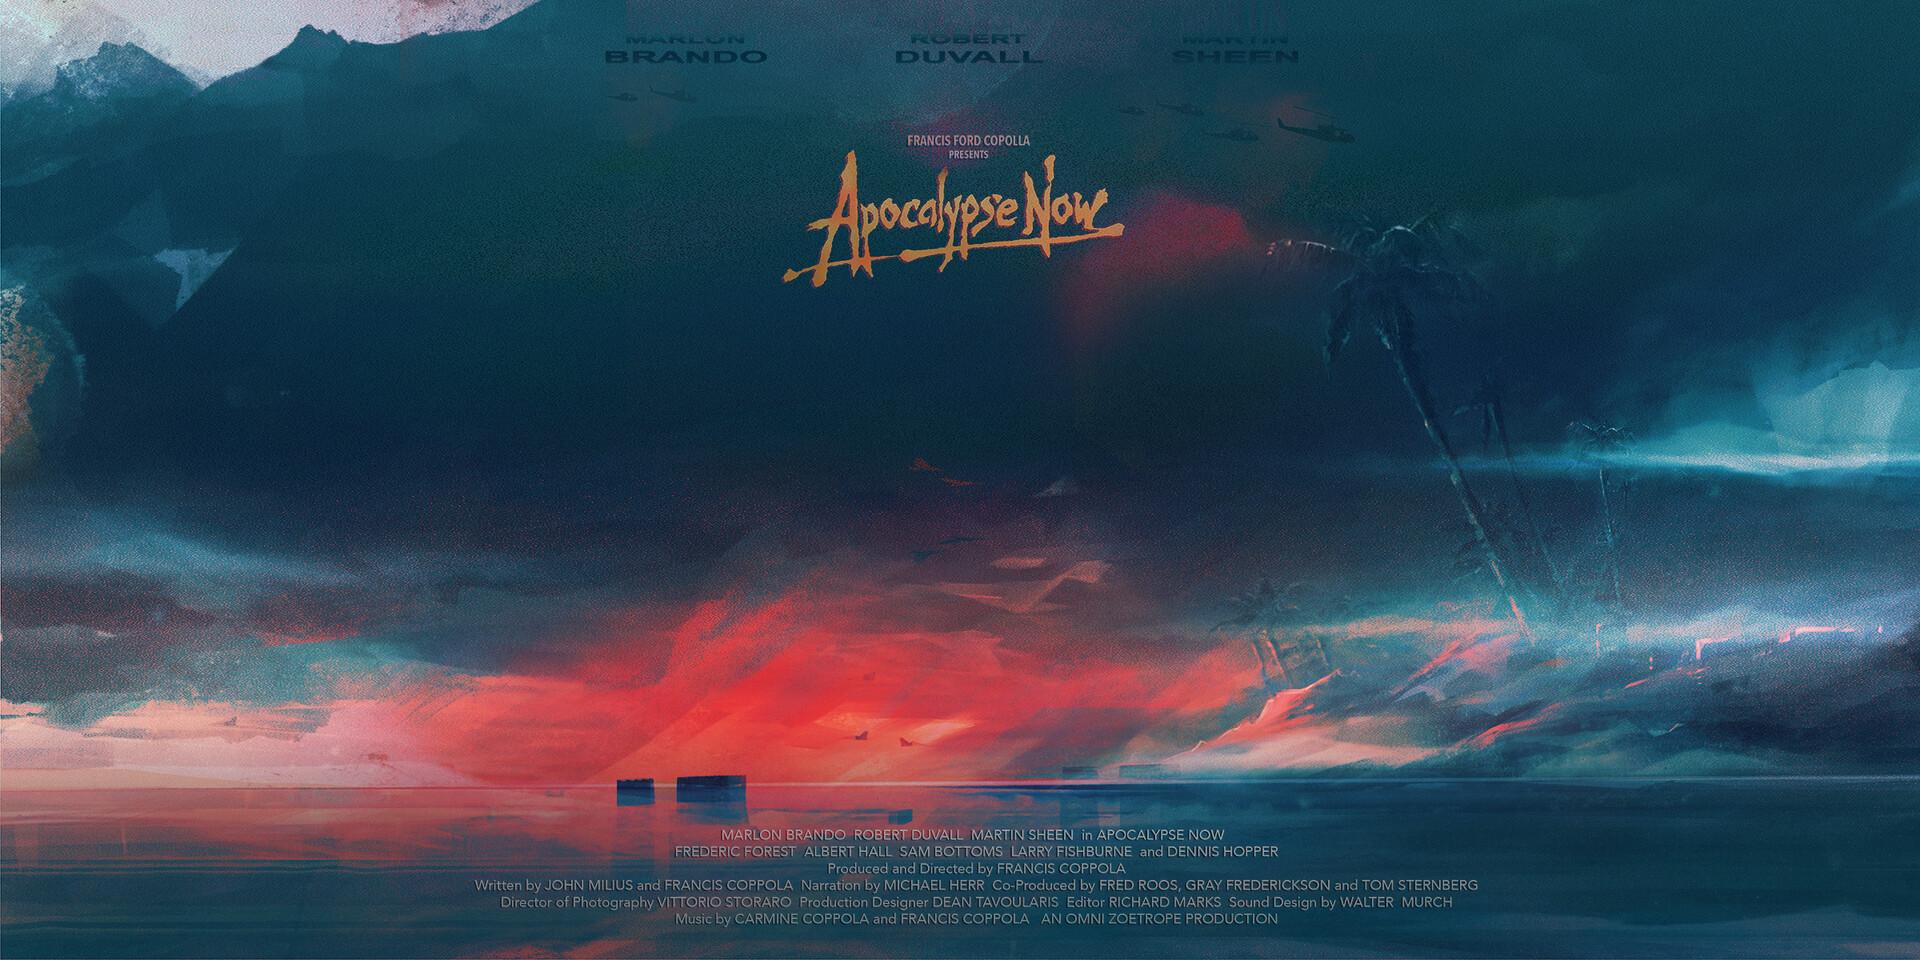 Alex tsoucas apocalypse now final4120